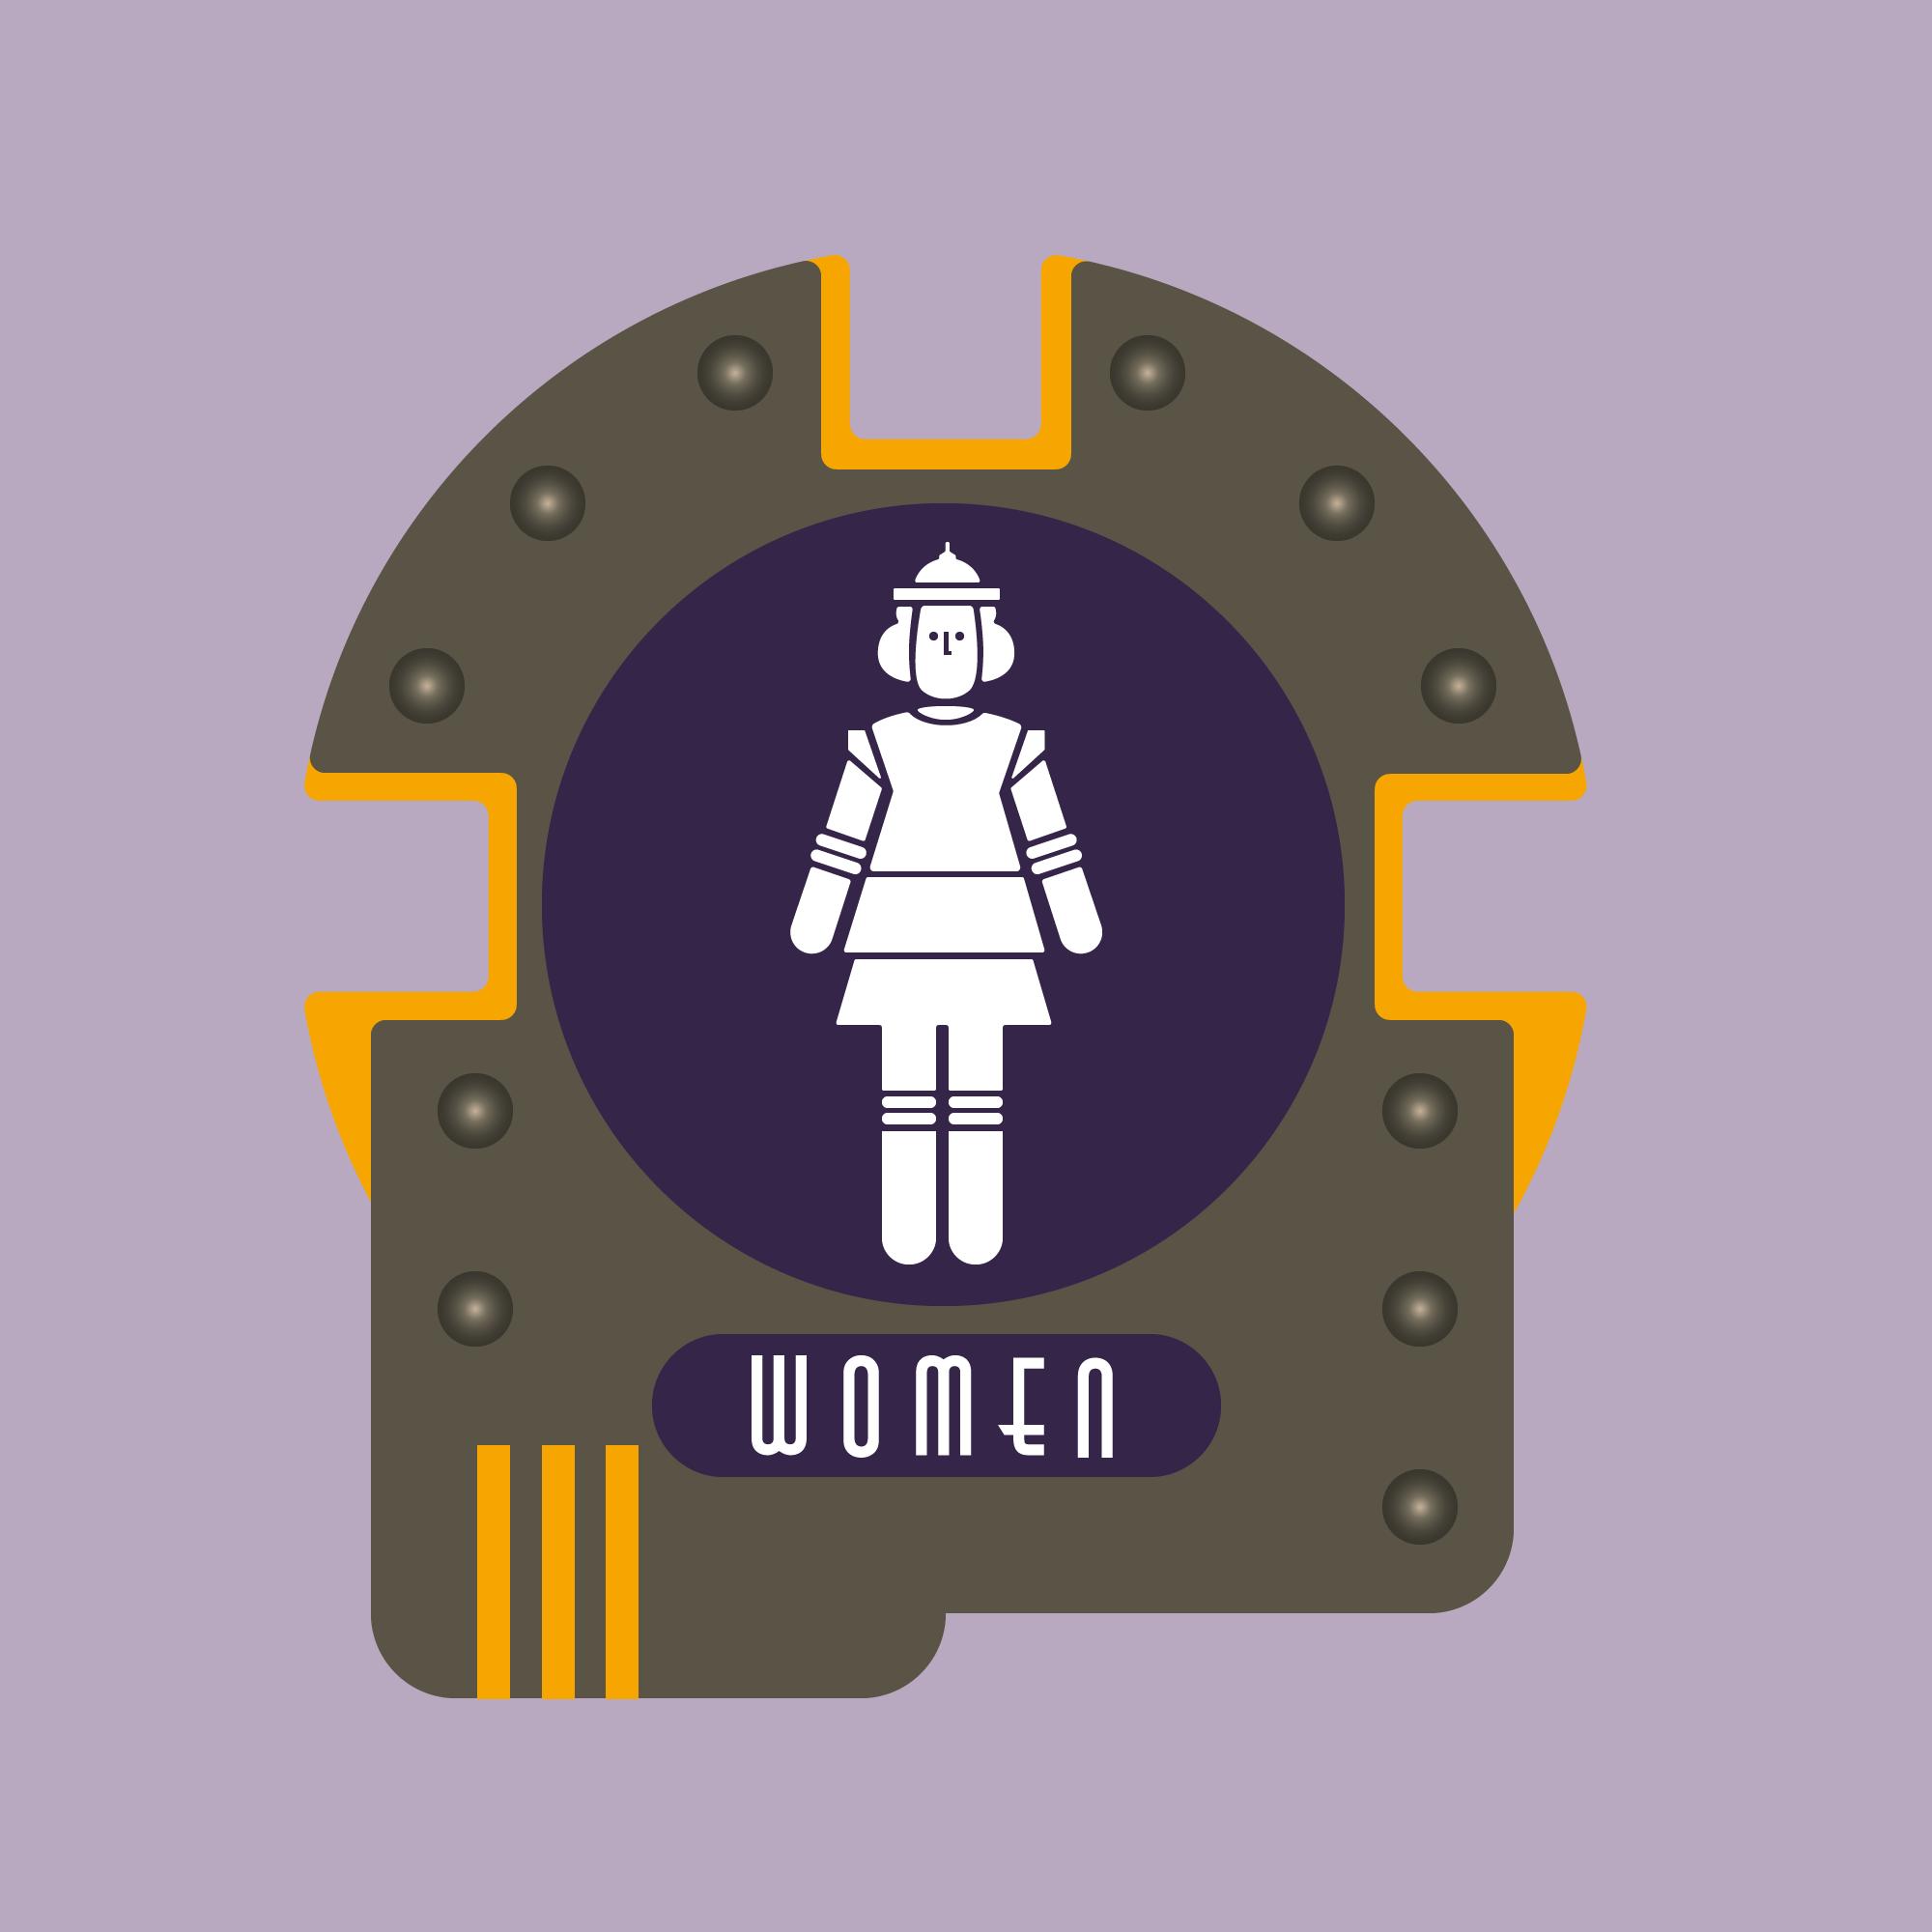 Tomorrowland Restrooms - Women